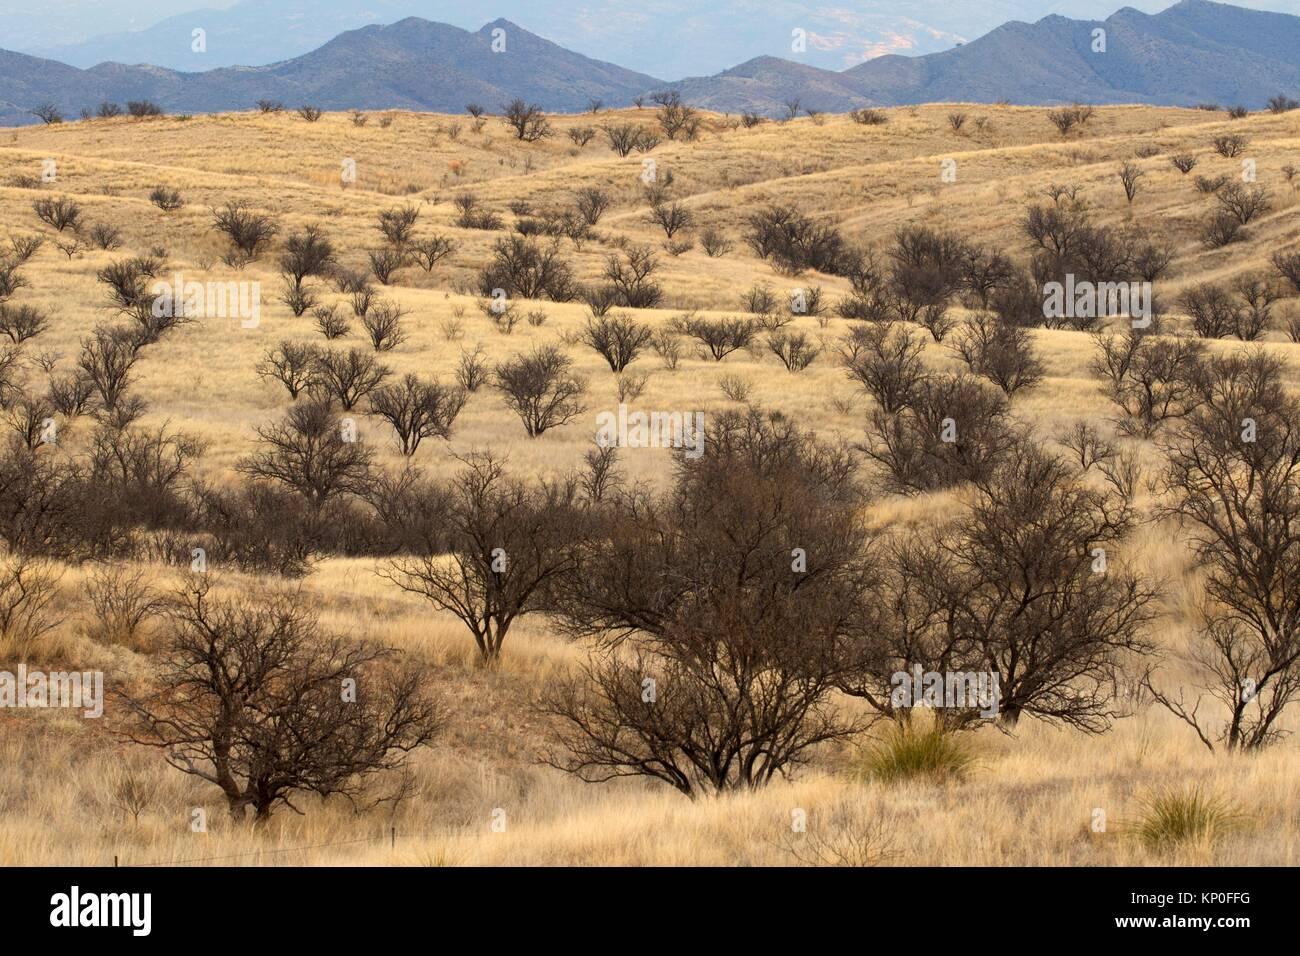 À mesquite, Las Cienegas National Conservation Area, Arizona. Banque D'Images